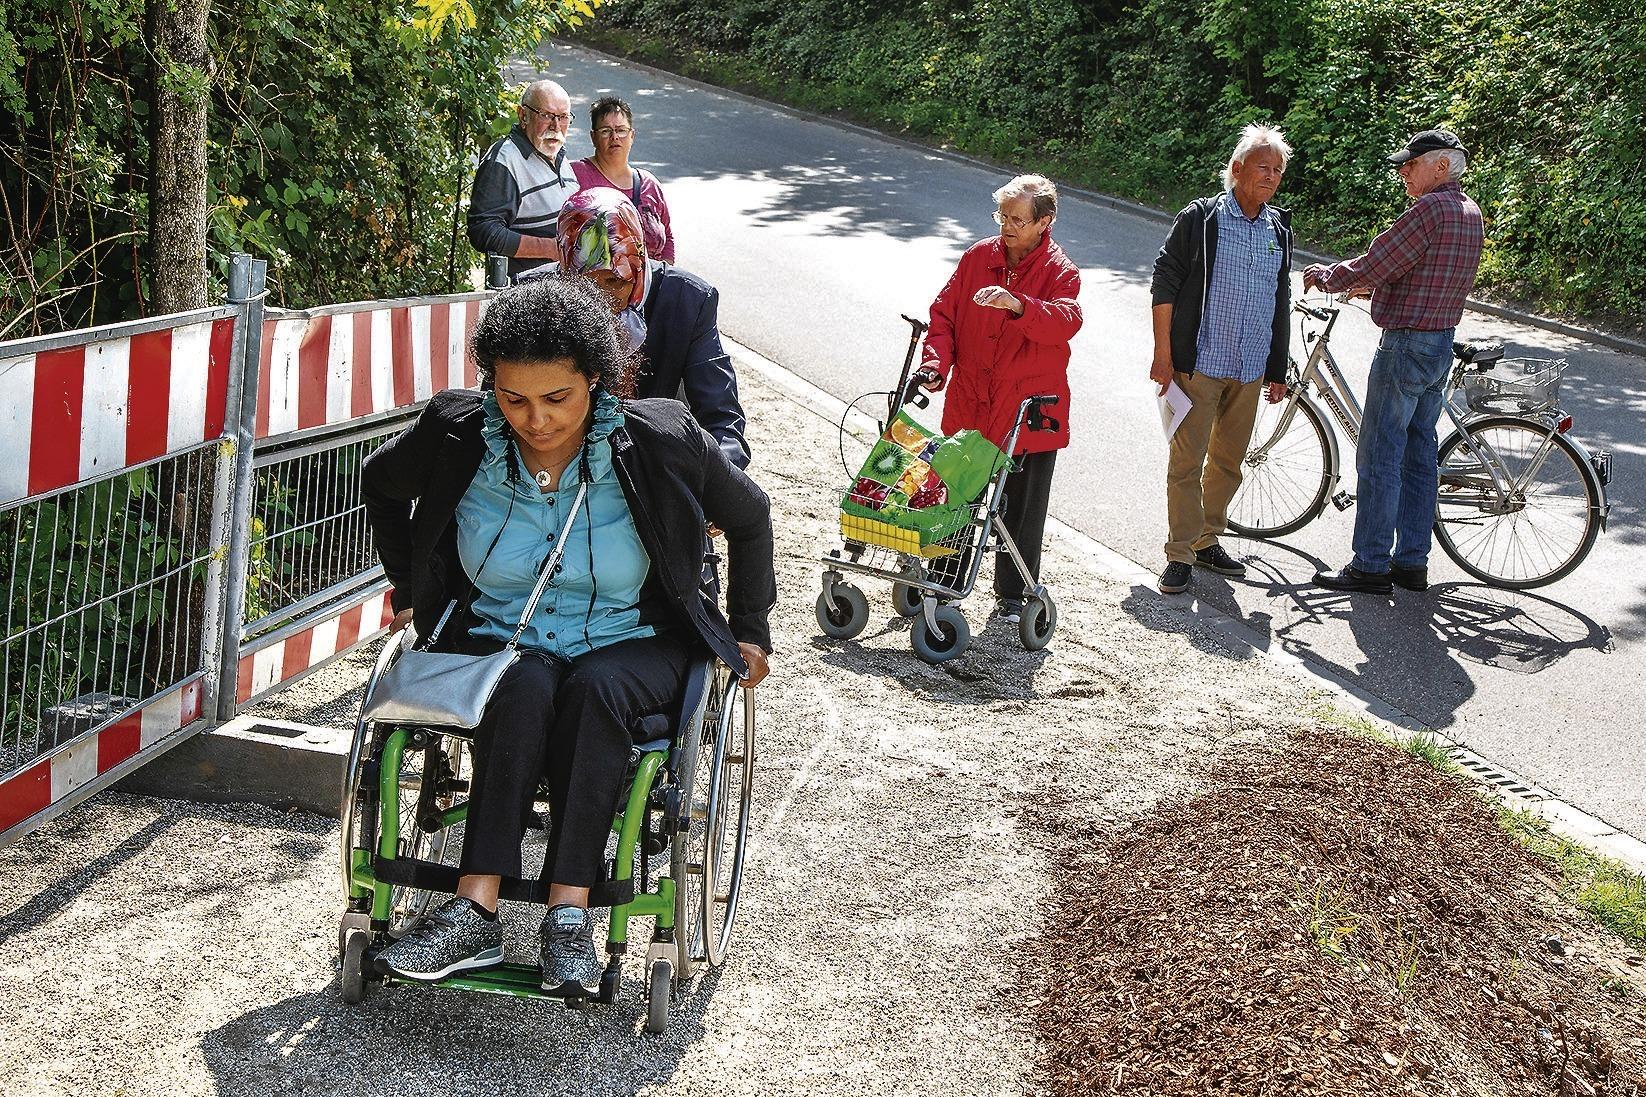 Edeka Zaun In Eppelheim Hartetest Mit Rollstuhl Und Rollator Nachrichten Region Heidelberg Rnz